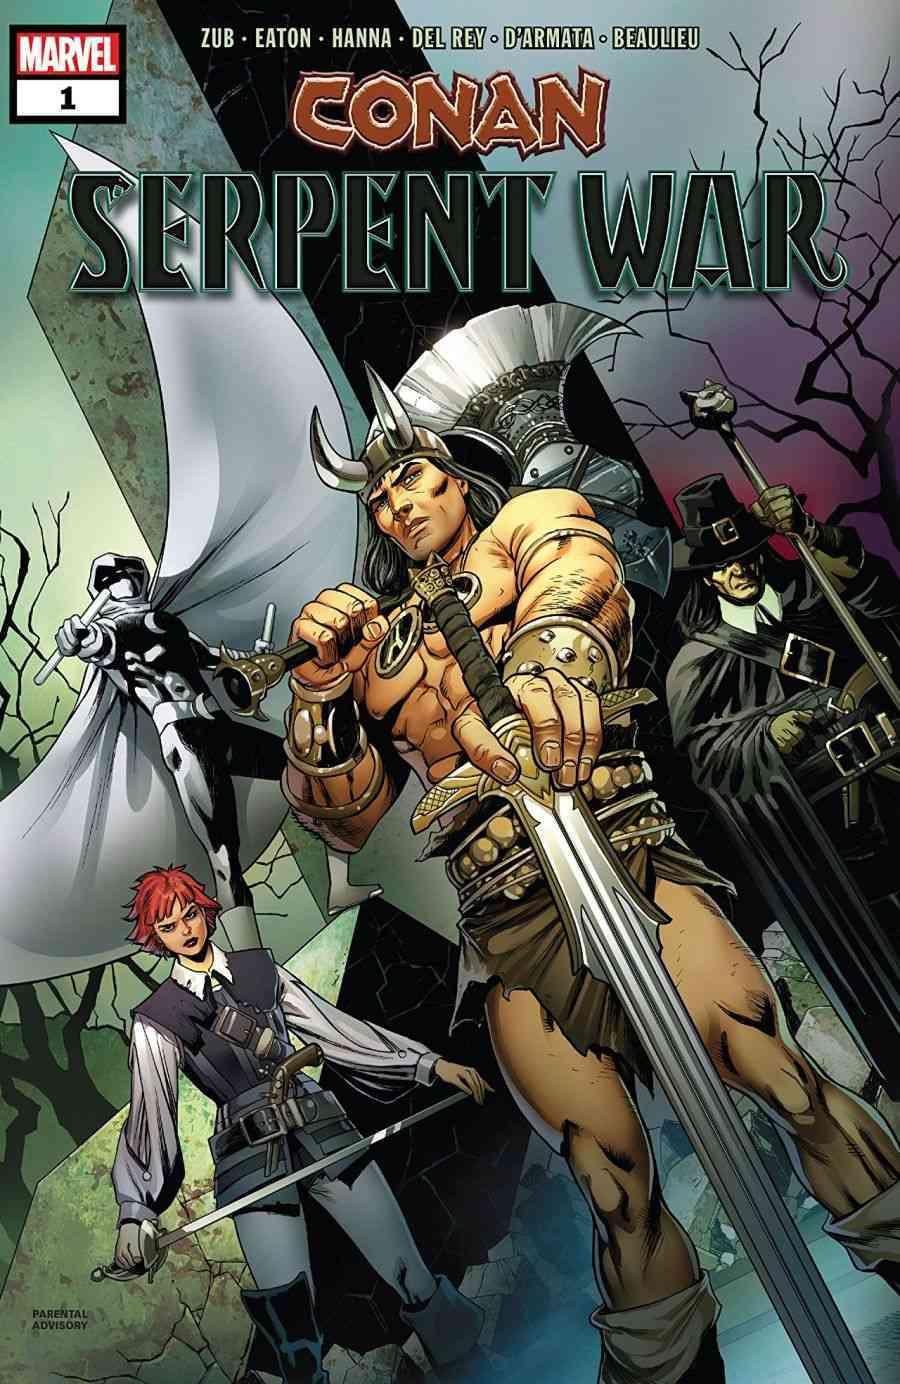 Conan Serpent War # 1